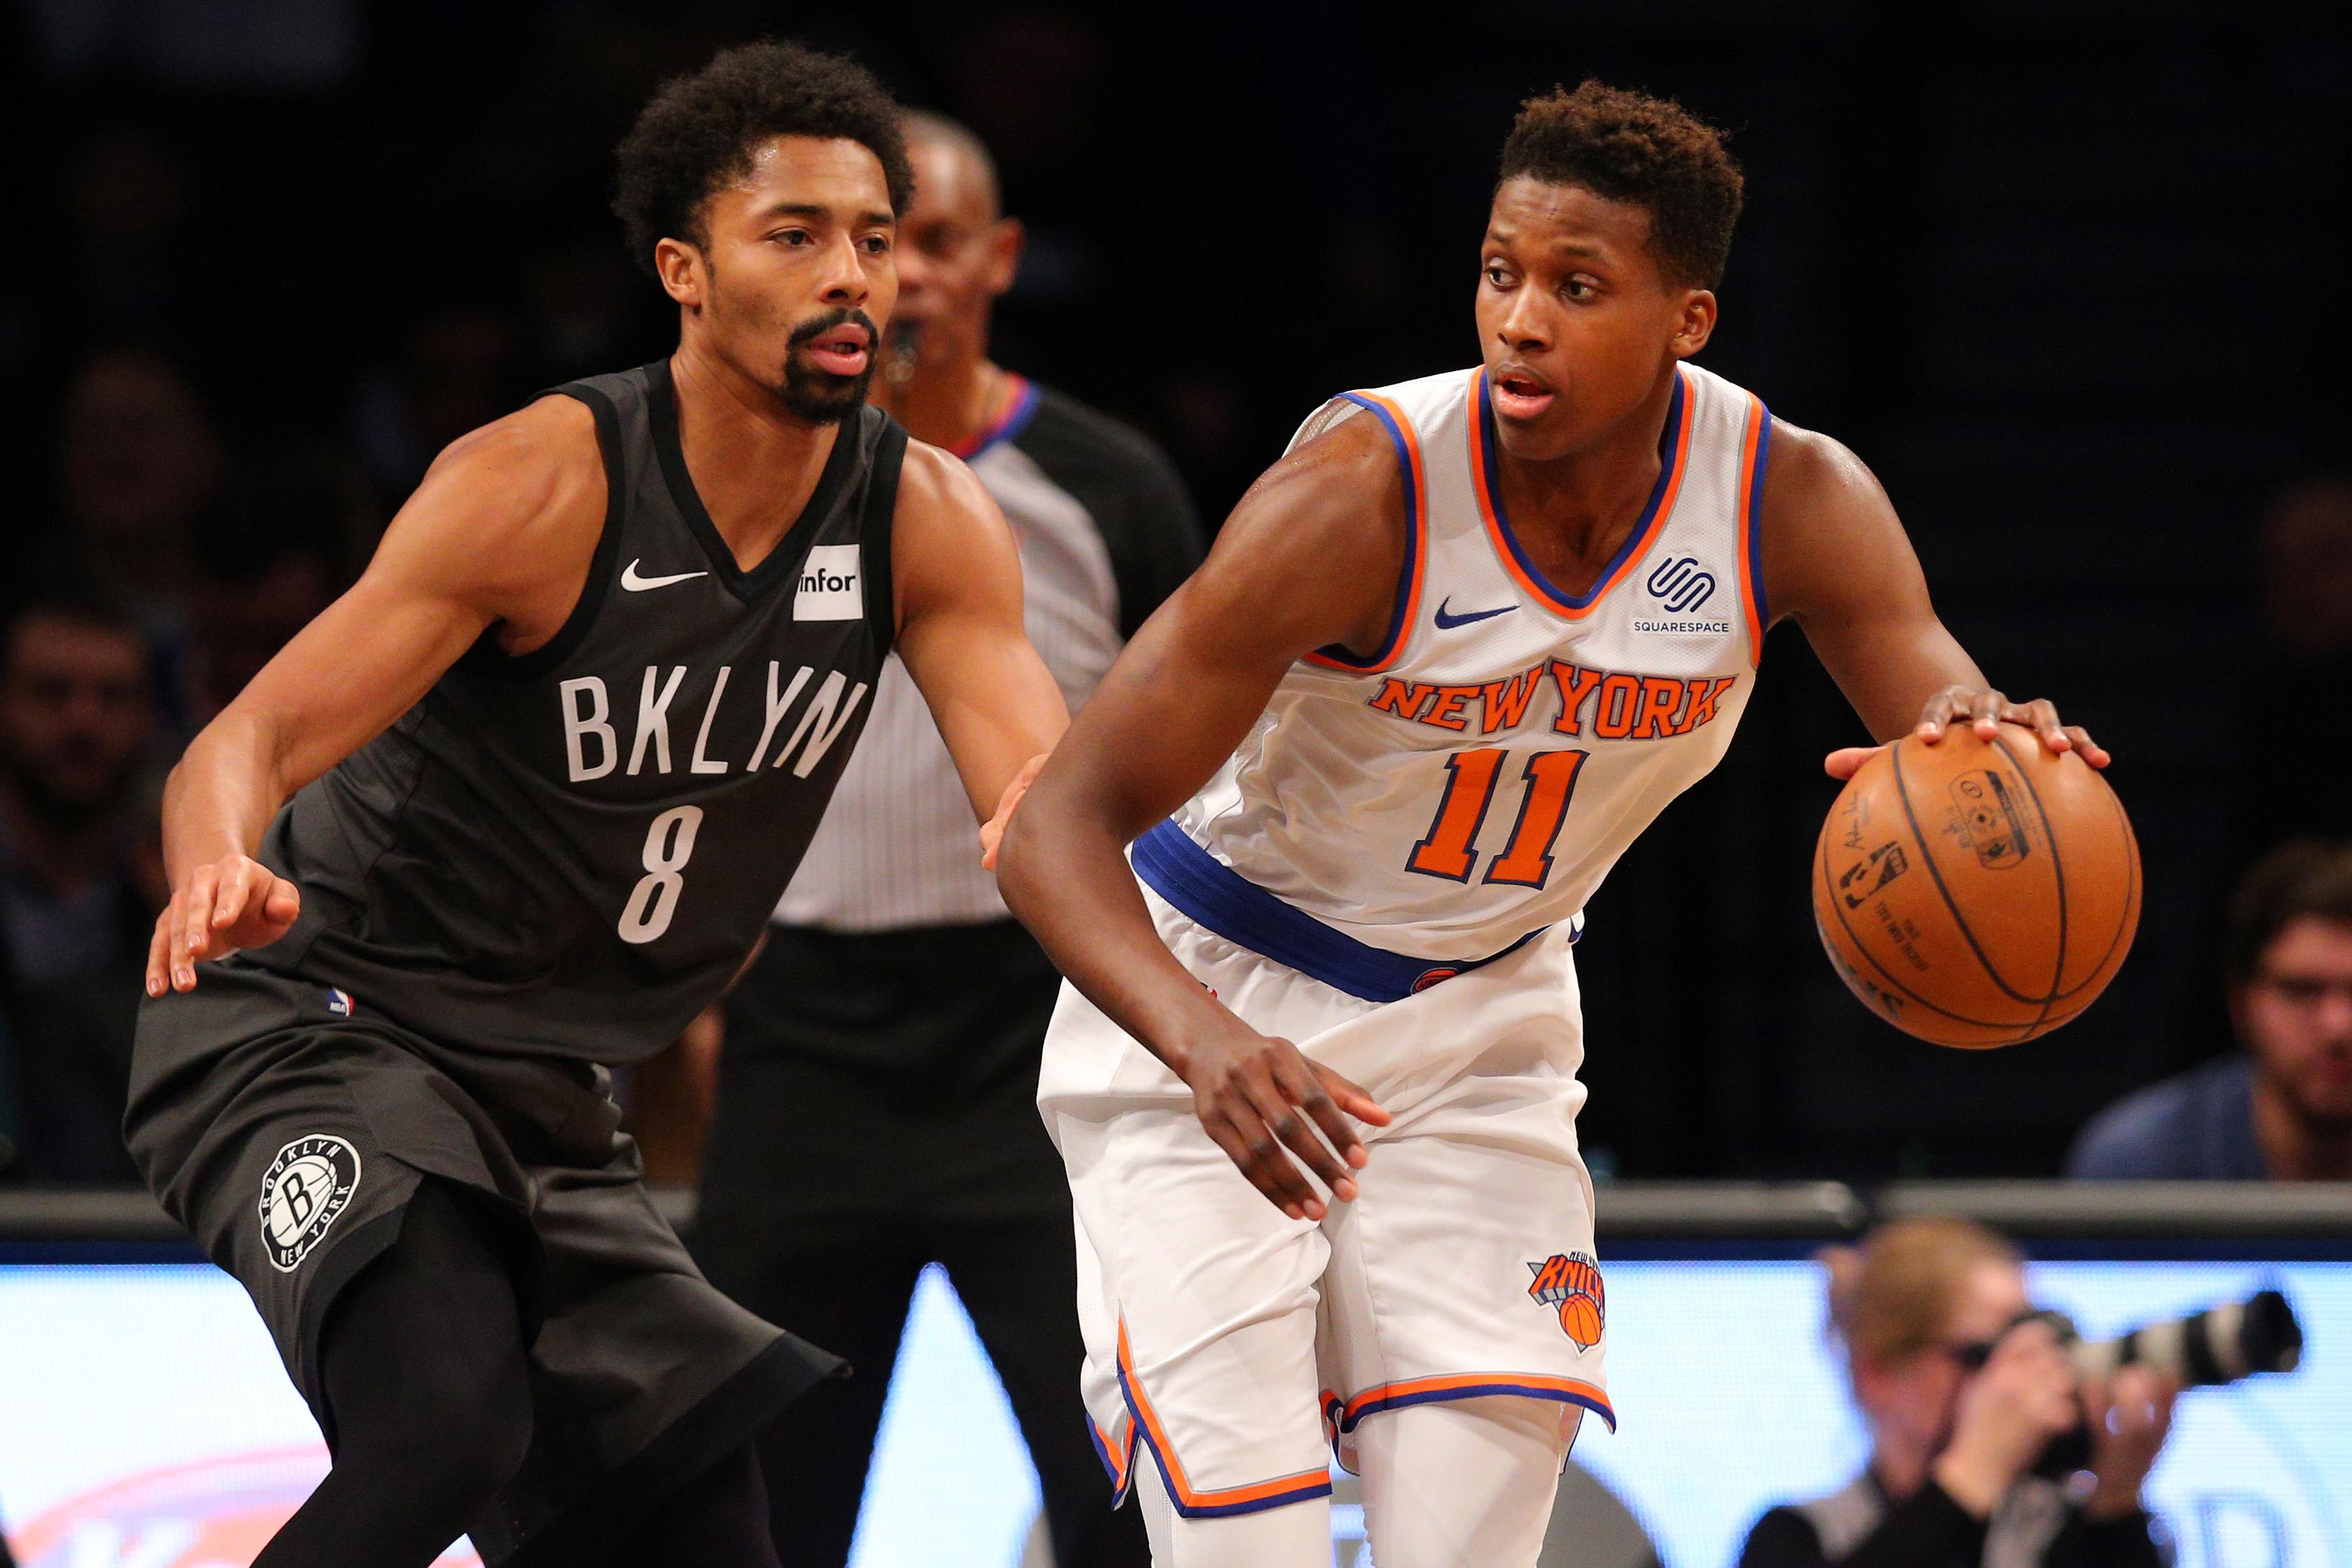 Knicks, Nets should avoid Jimmy Butler trade